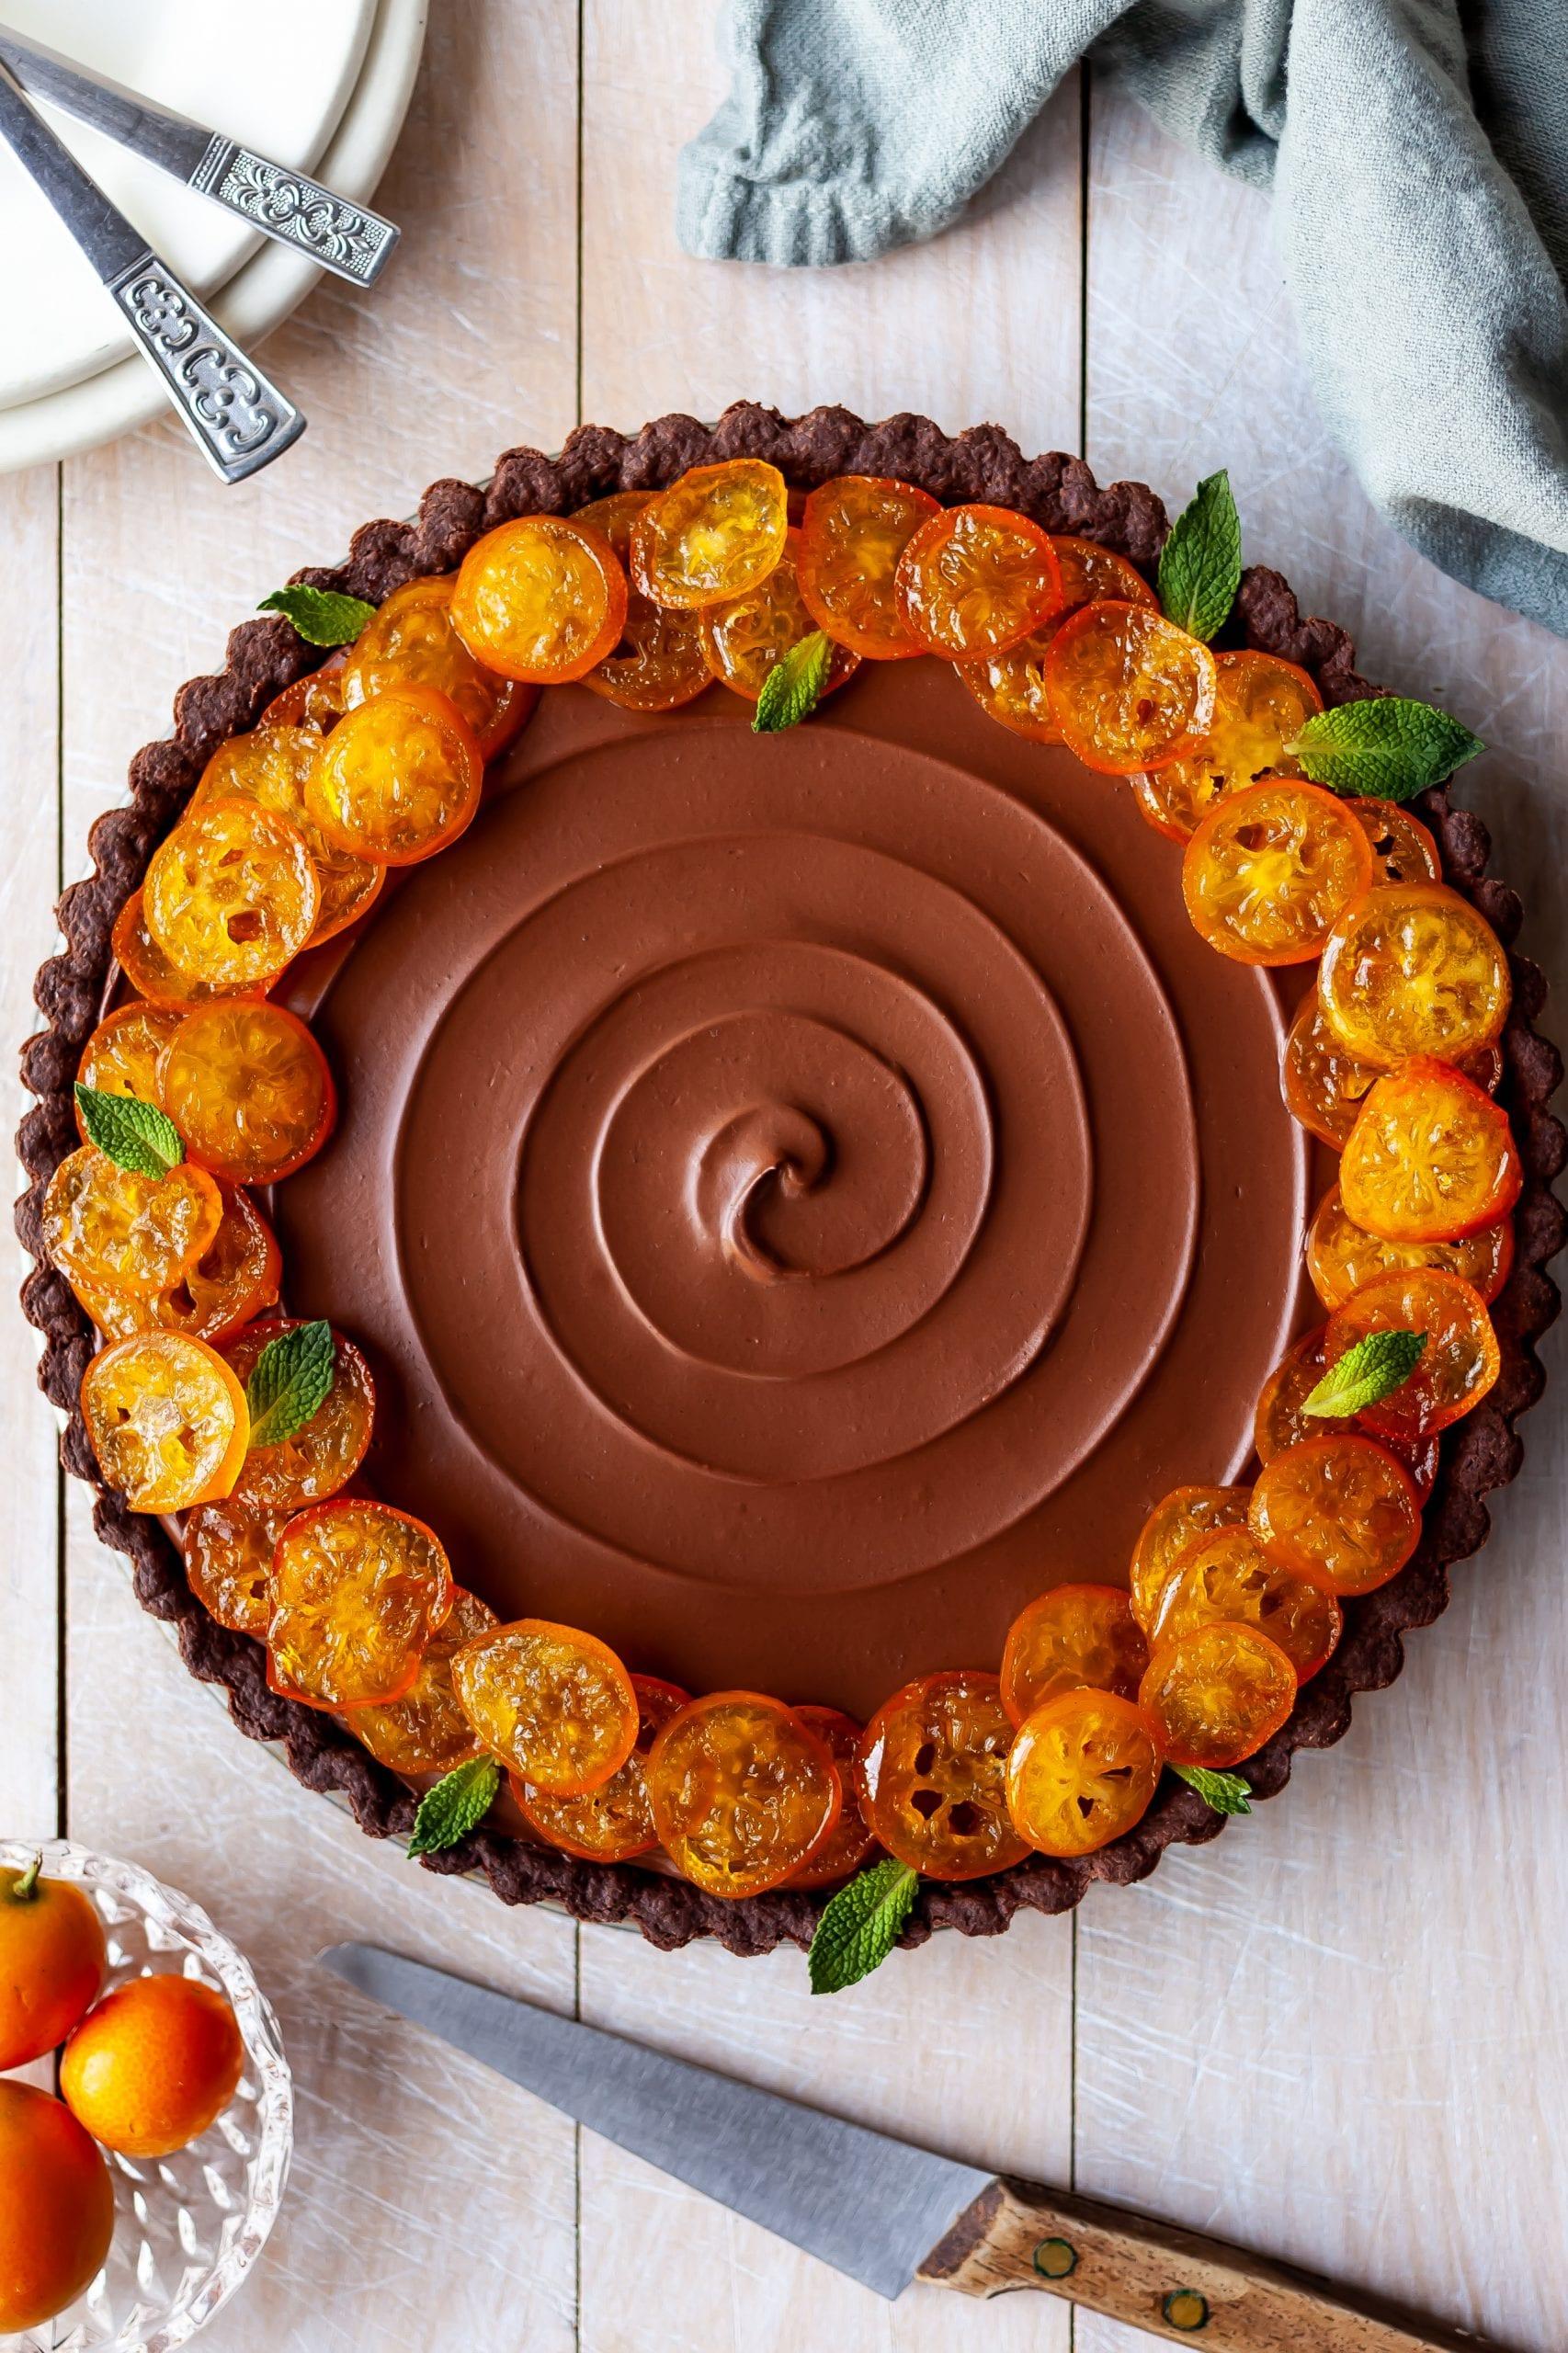 Vegan Chocolate Orange Truffle Tart with Candied Kumquats